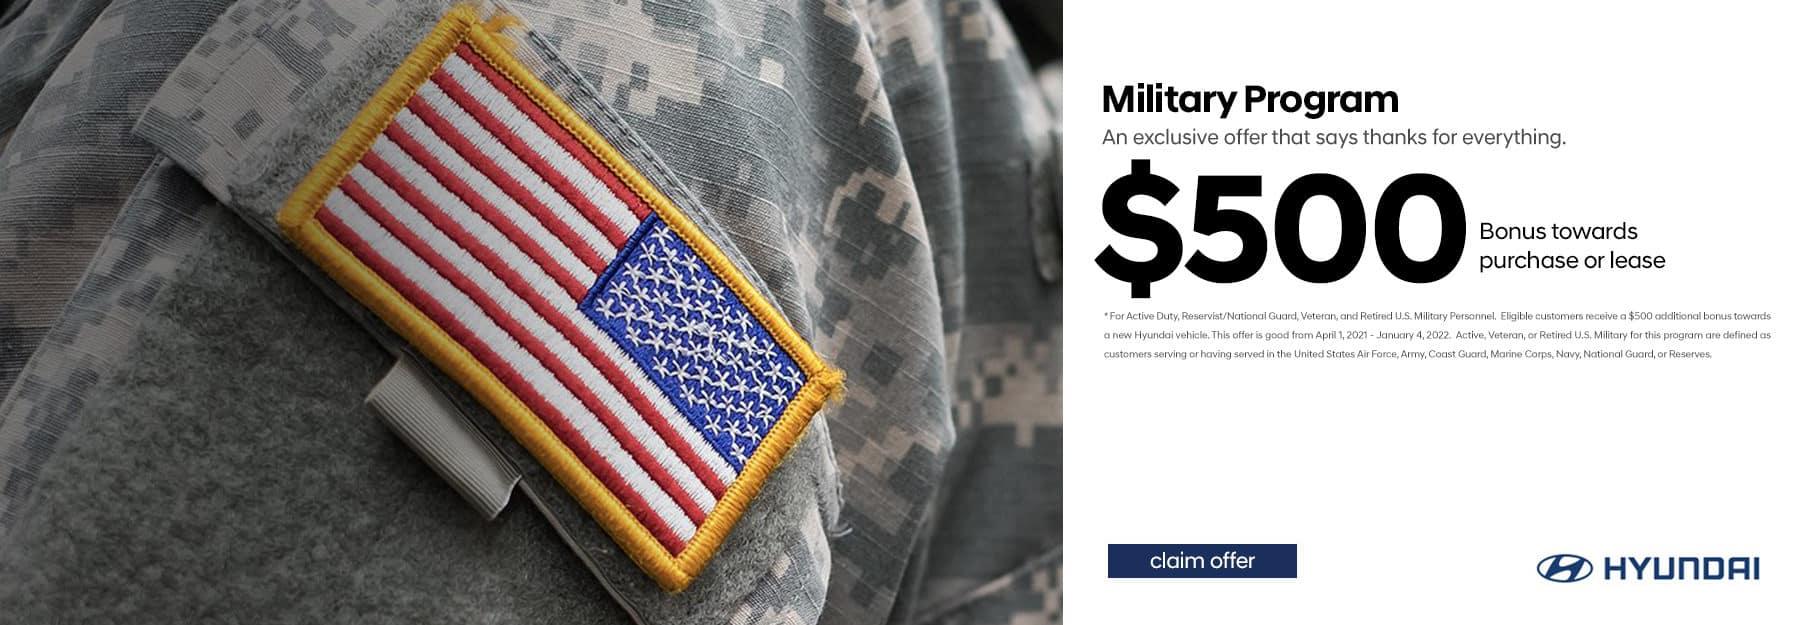 202110_GH_Military